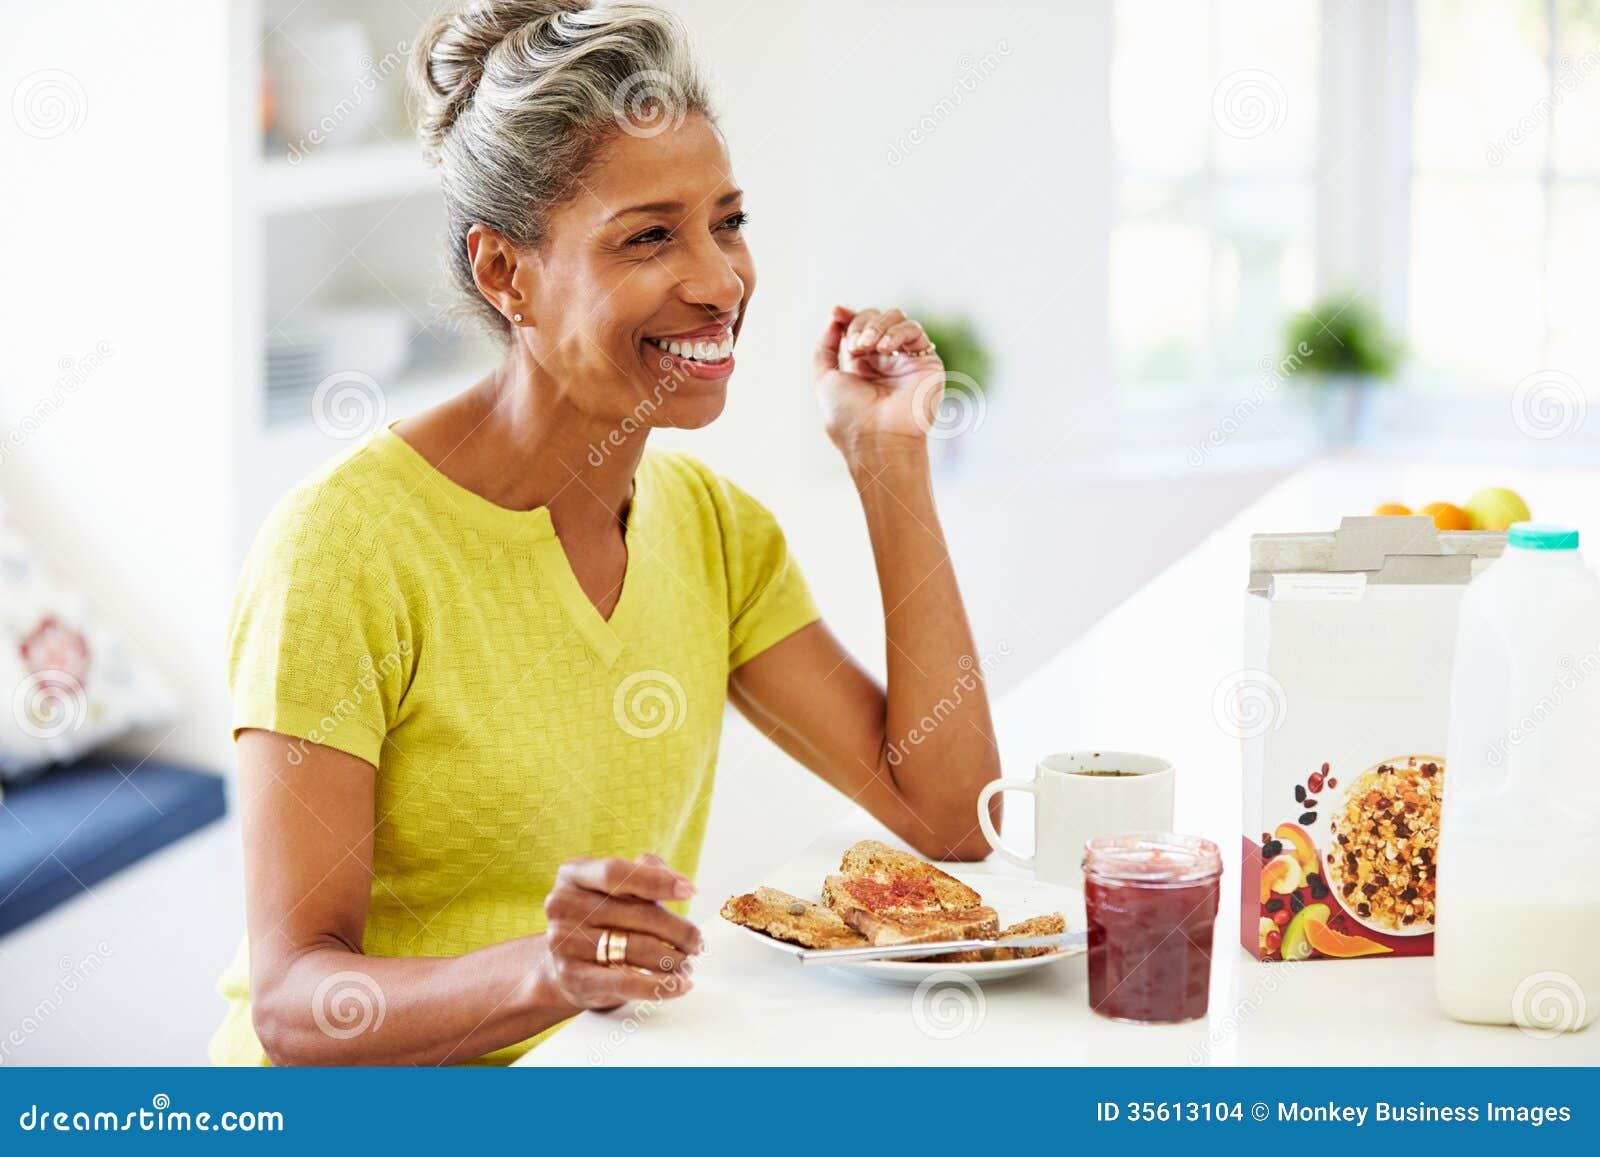 Зрелая женщина есть завтрак дома